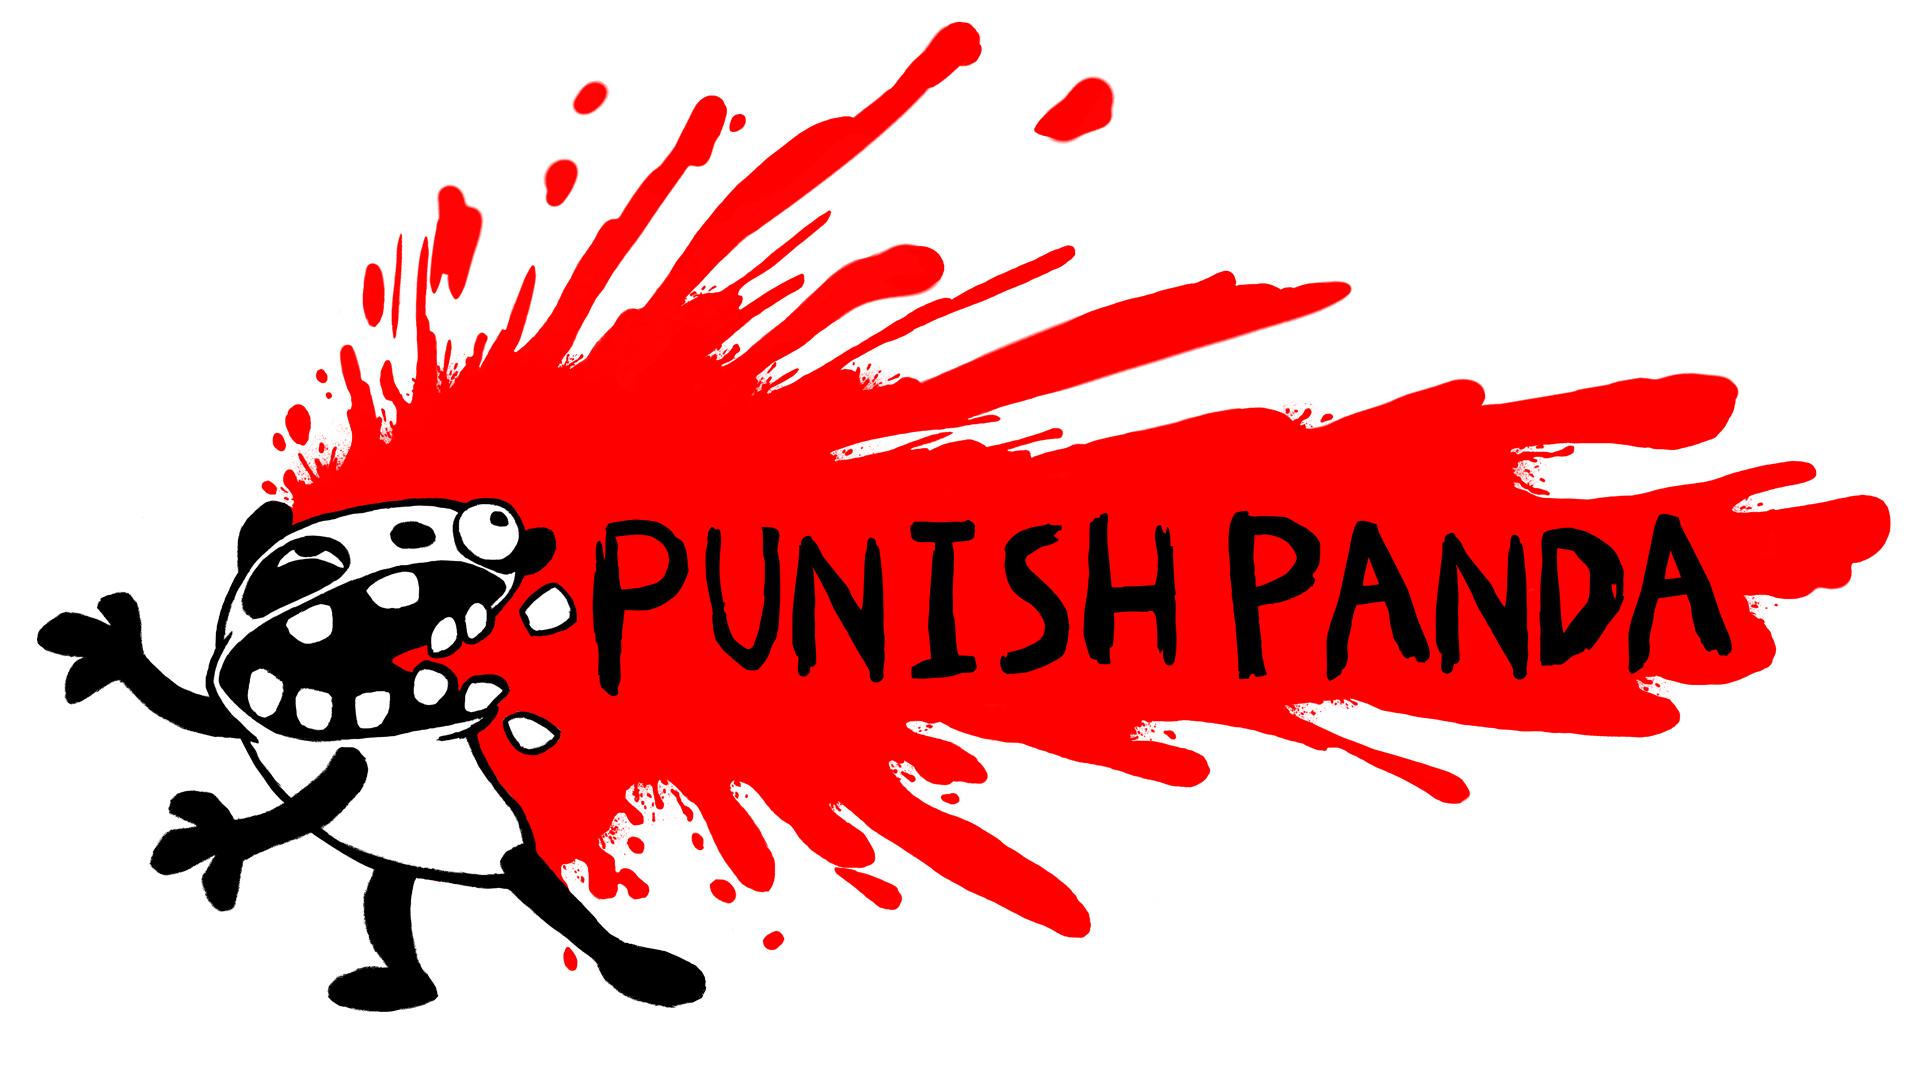 Punish Panda